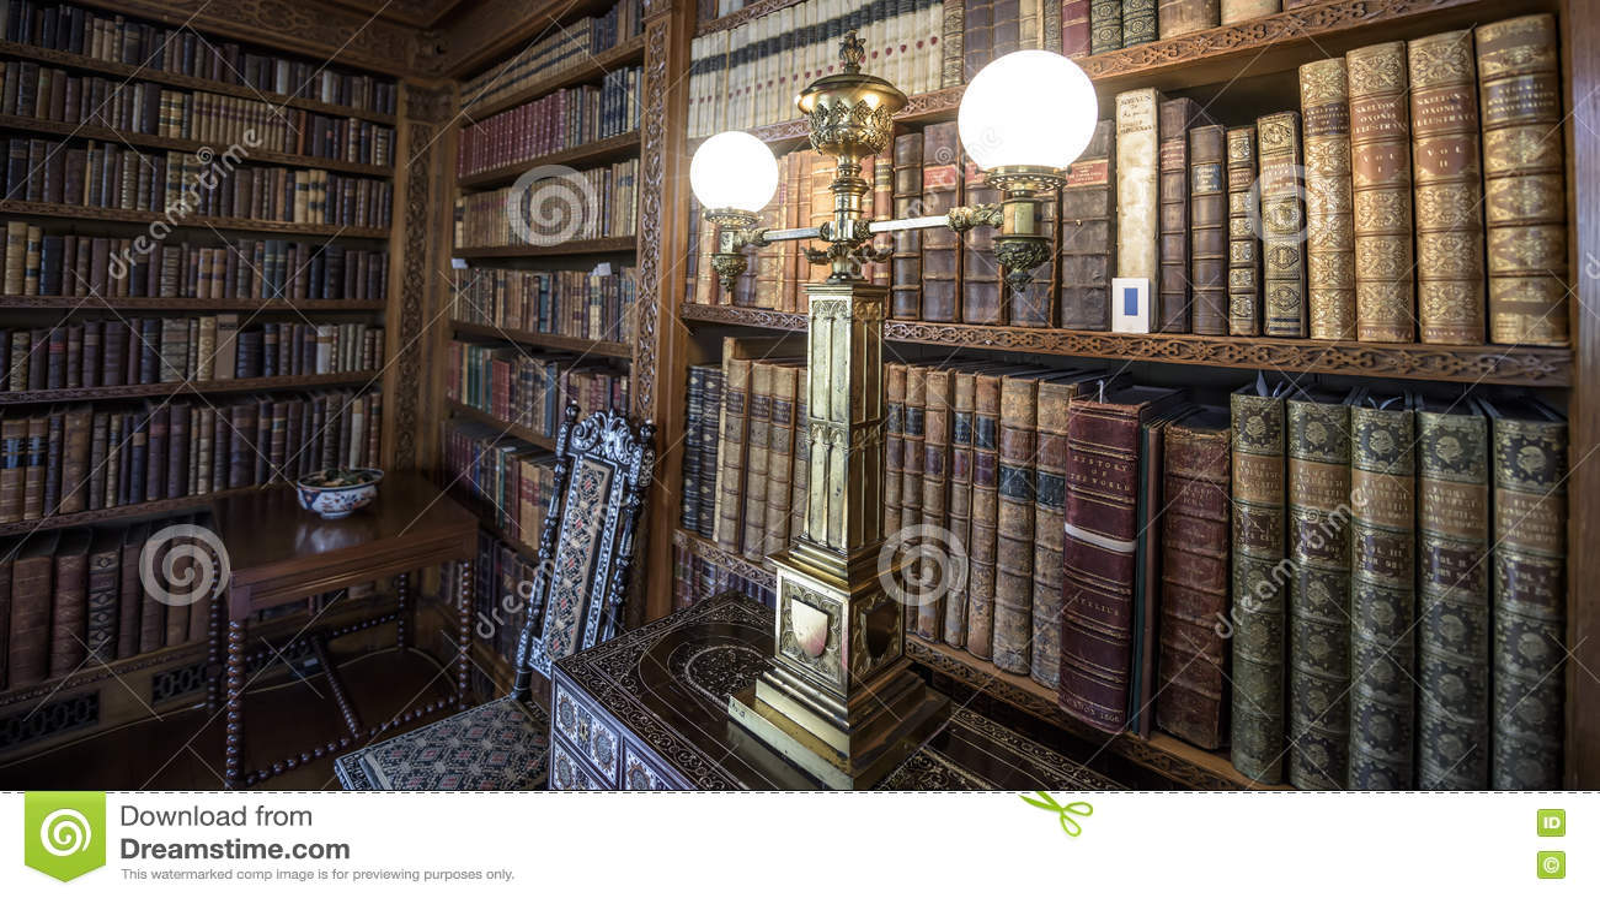 Biblioteca molto vecchia, scaffali per libri del XVI secolo con luce antiquata